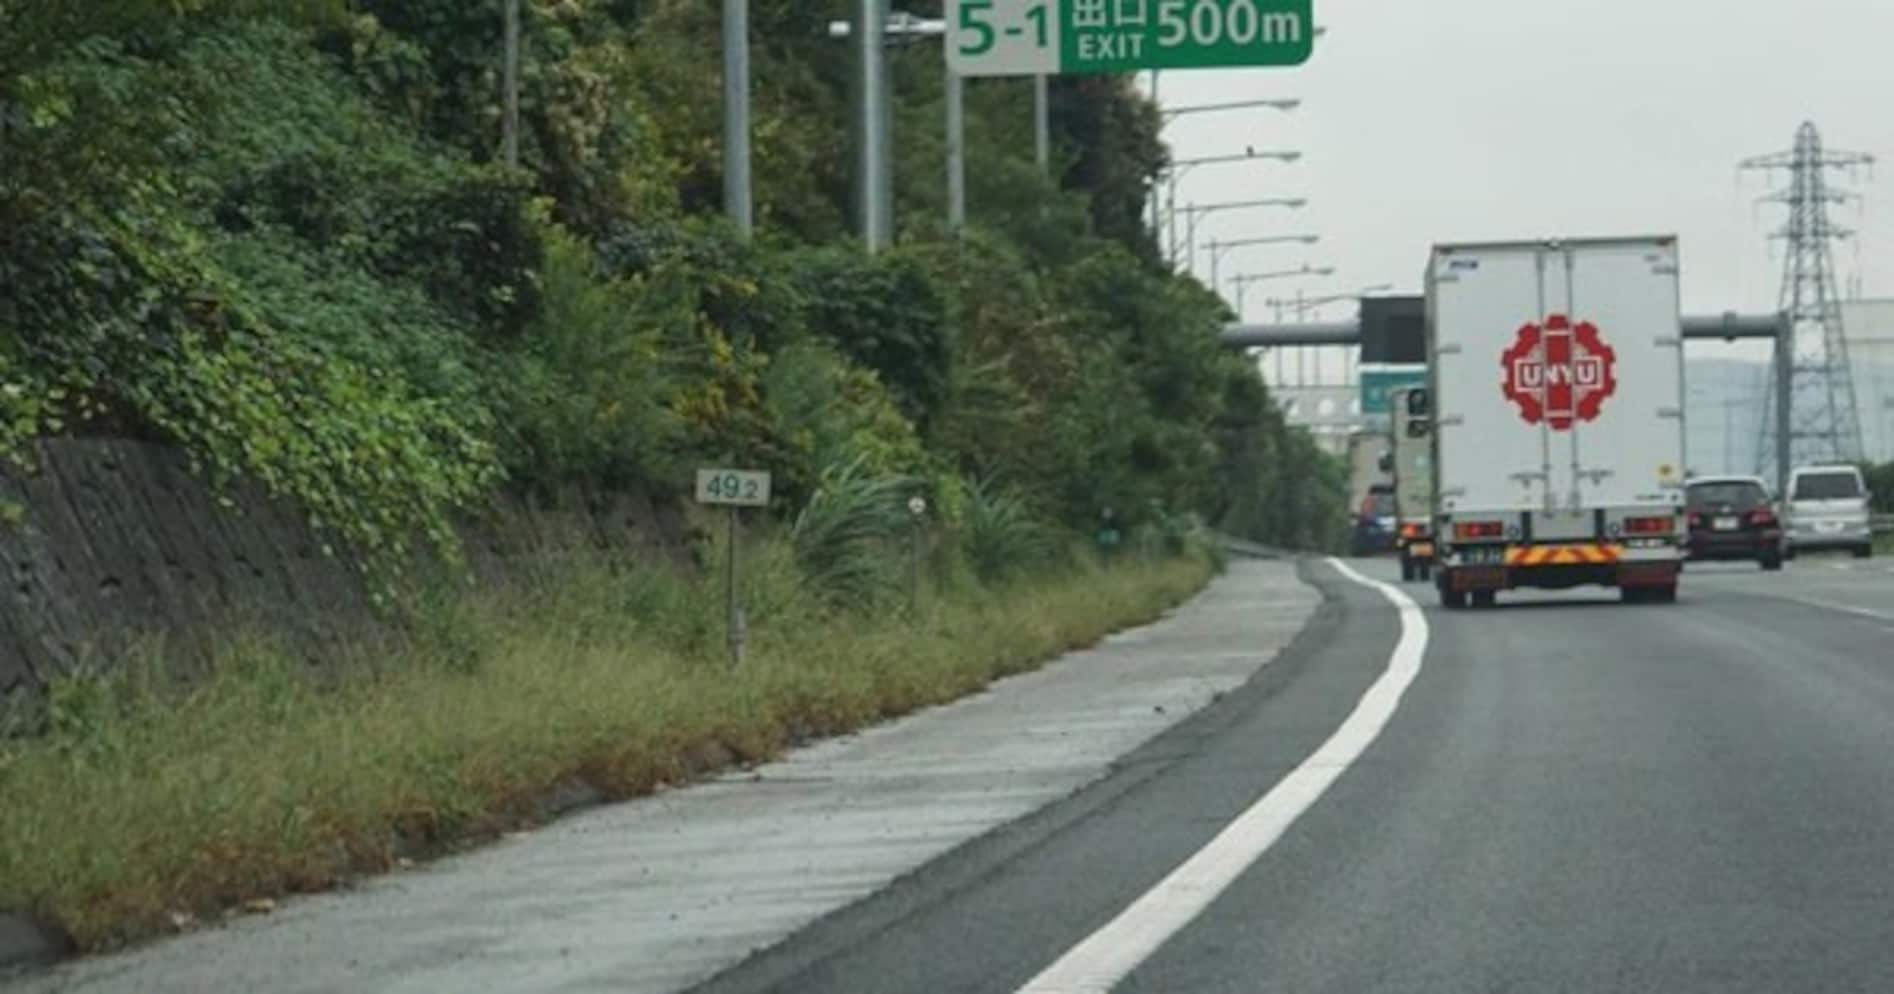 煽られた! 出口を行き過ぎた! 高速道路でのピンチ、どう回避する?